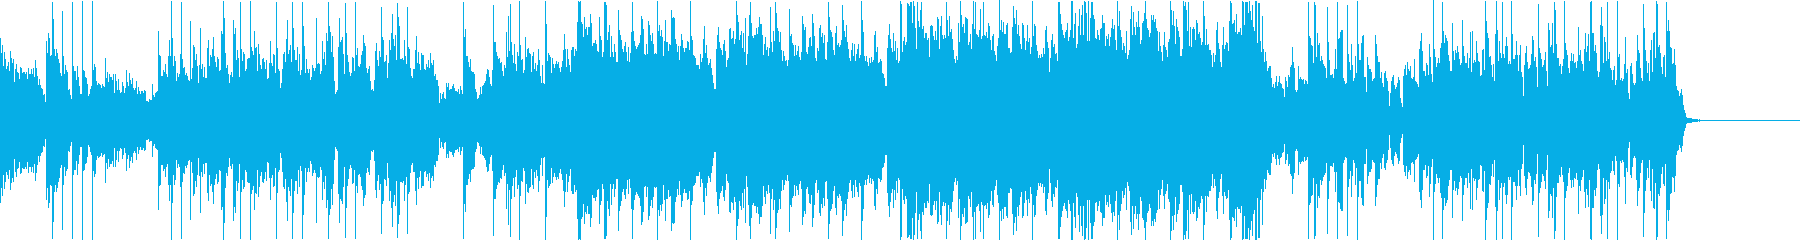 ジャジー:変拍子:ラウドロック:プログレの再生済みの波形